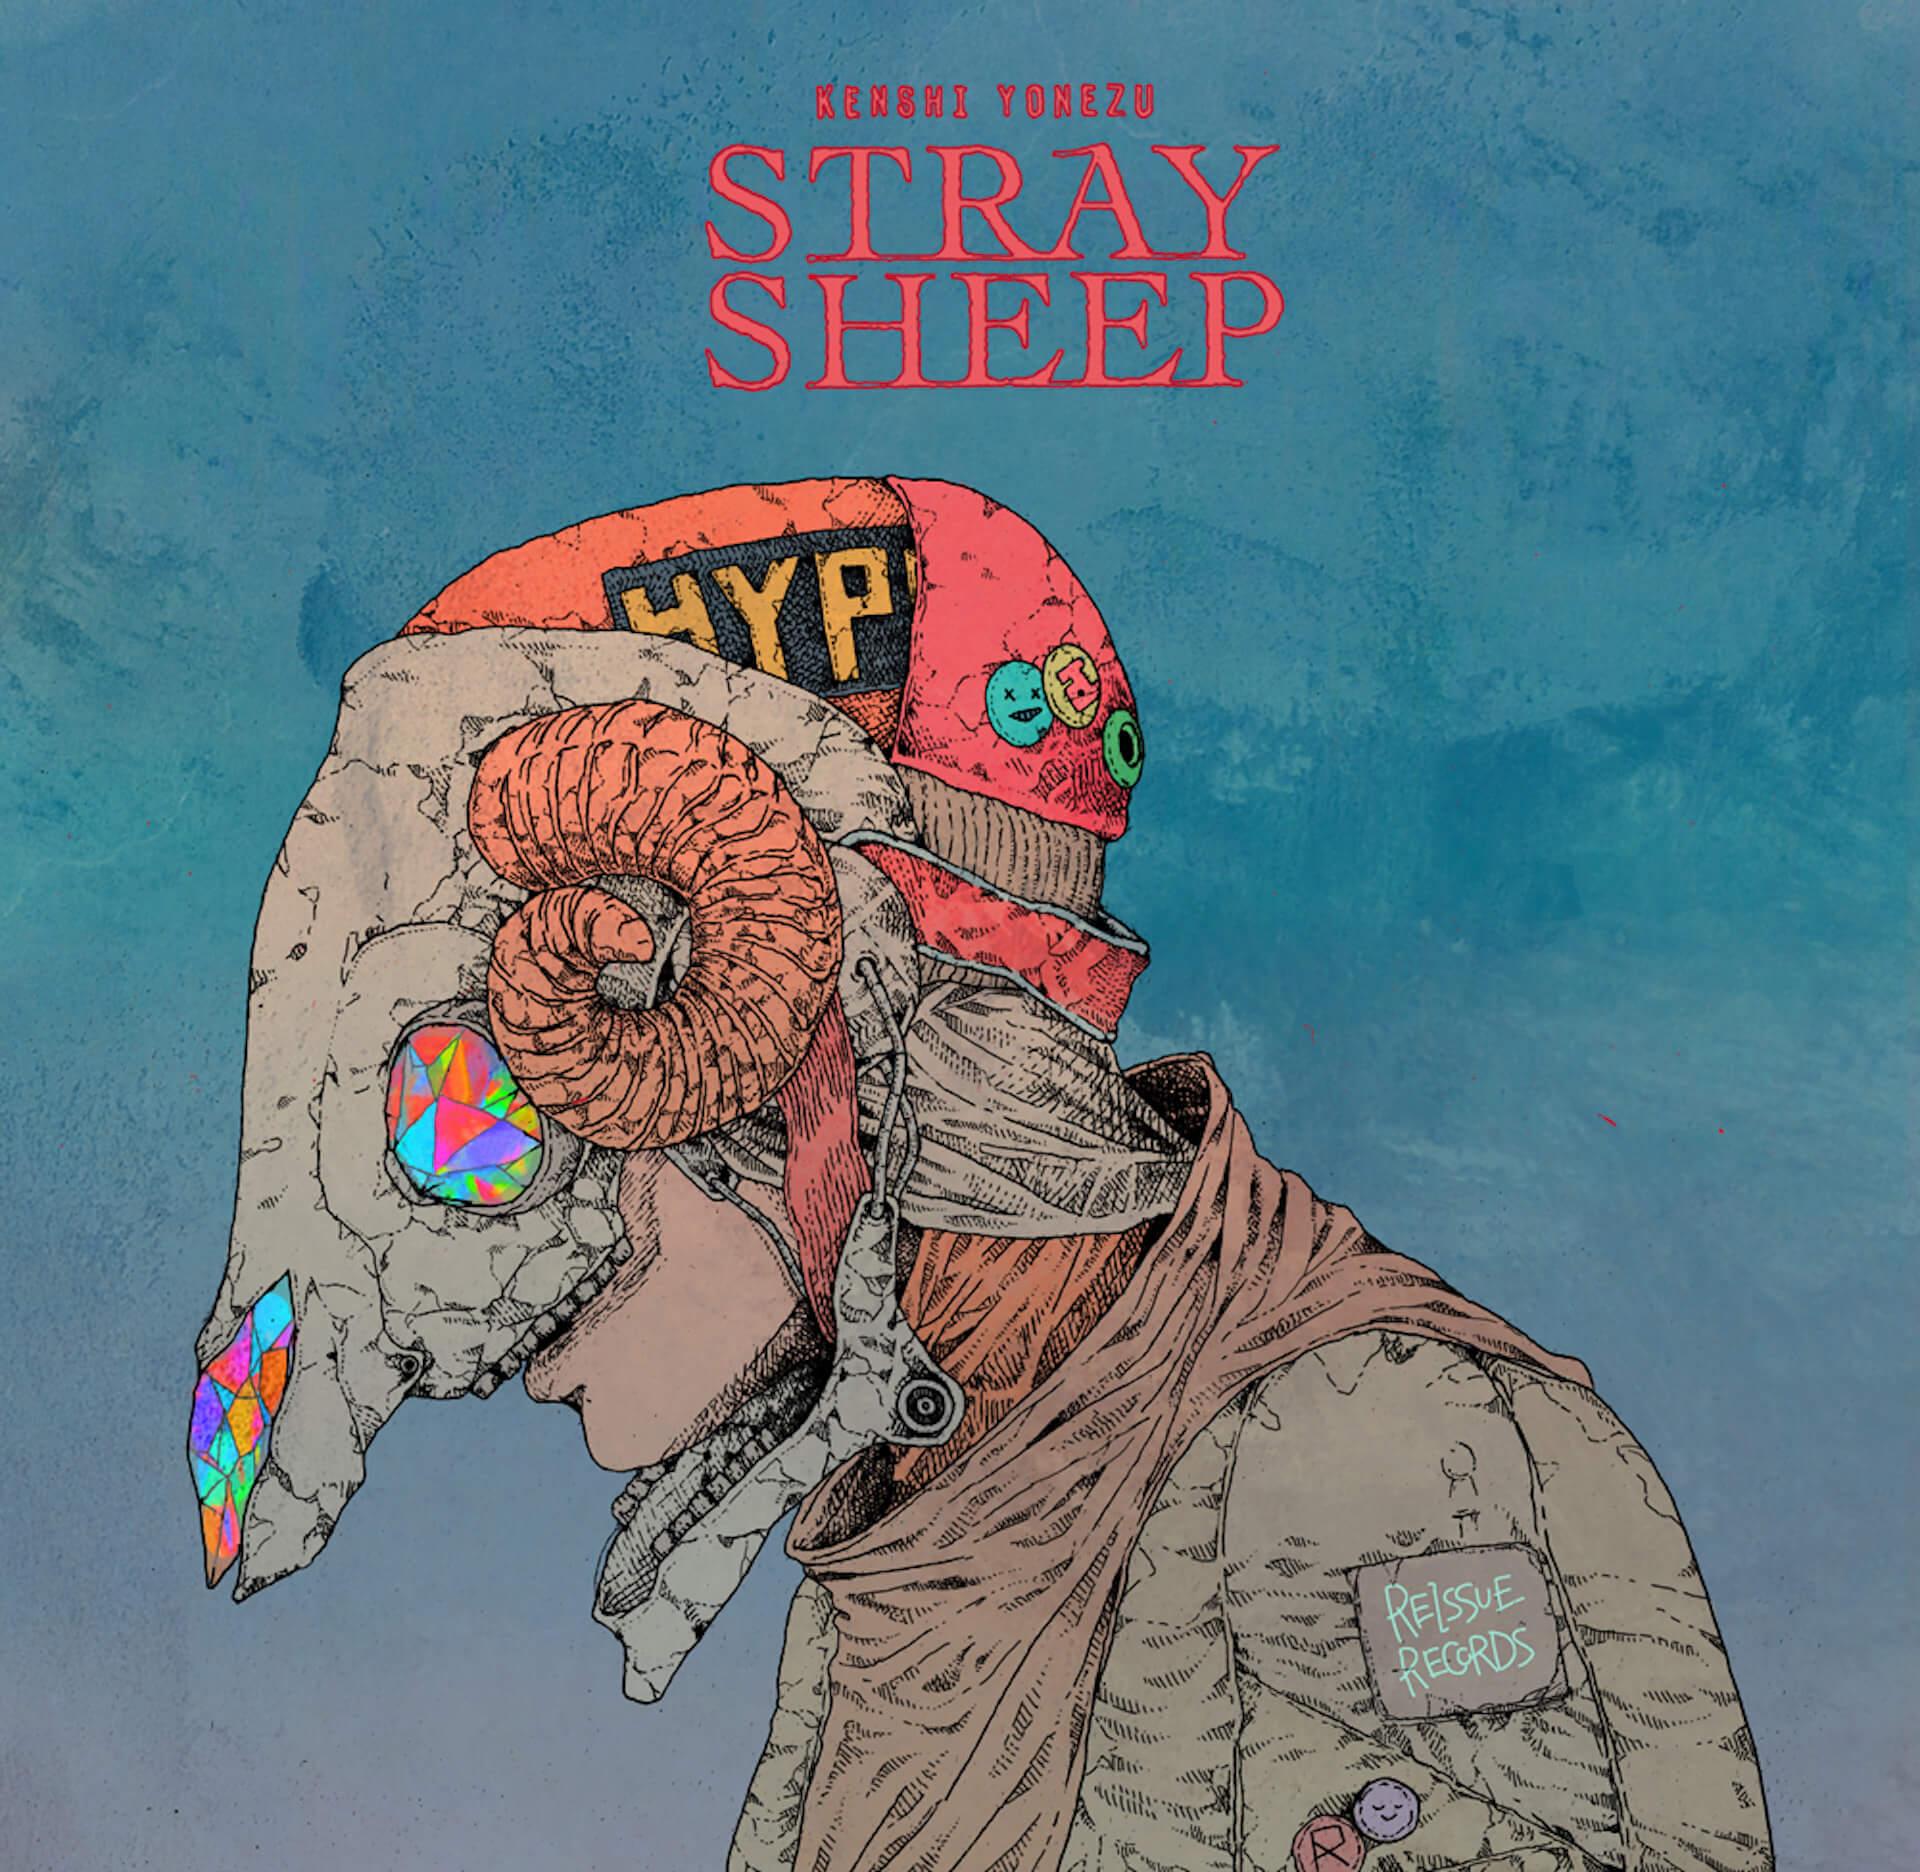 米津玄師『STRAY SHEEP』が新たな快挙を達成!2020年グローバルチャートで日本アーティスト最高の7位に music210311_yonezukenshi_2